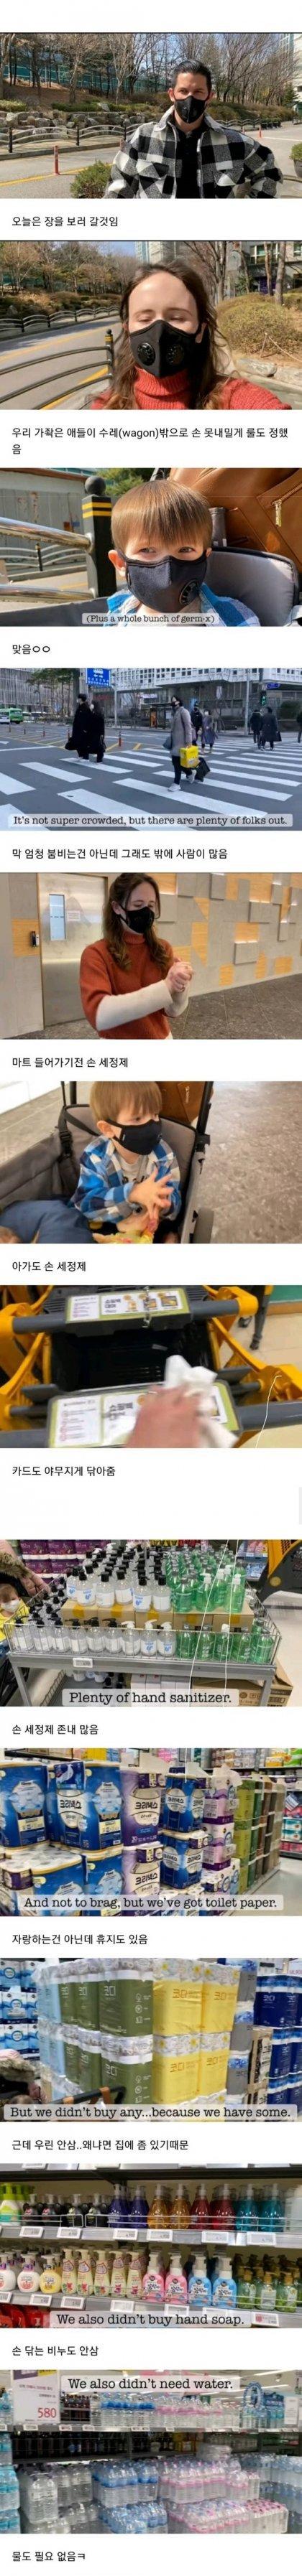 이 시국에 한국에서 장보는 외국인 가족